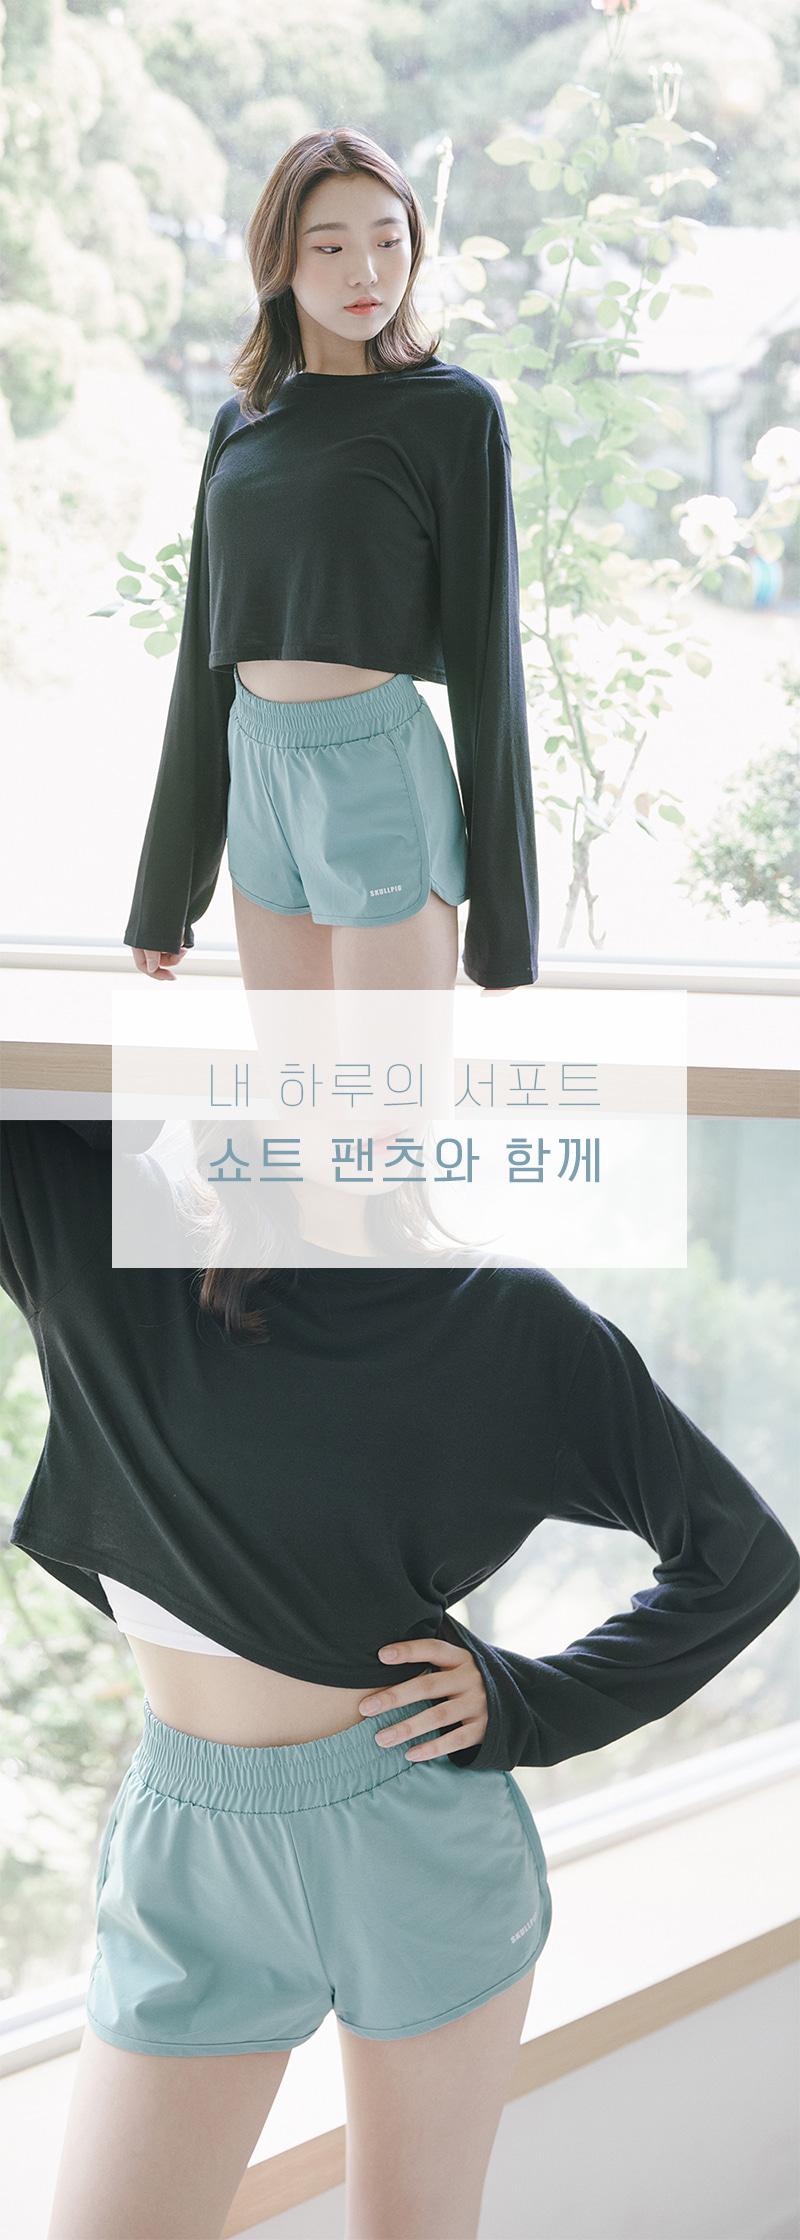 스컬피그(SKULLPIG) [SA5165] 쇼트팬츠 무드핑크/핫/반바지/래쉬가드